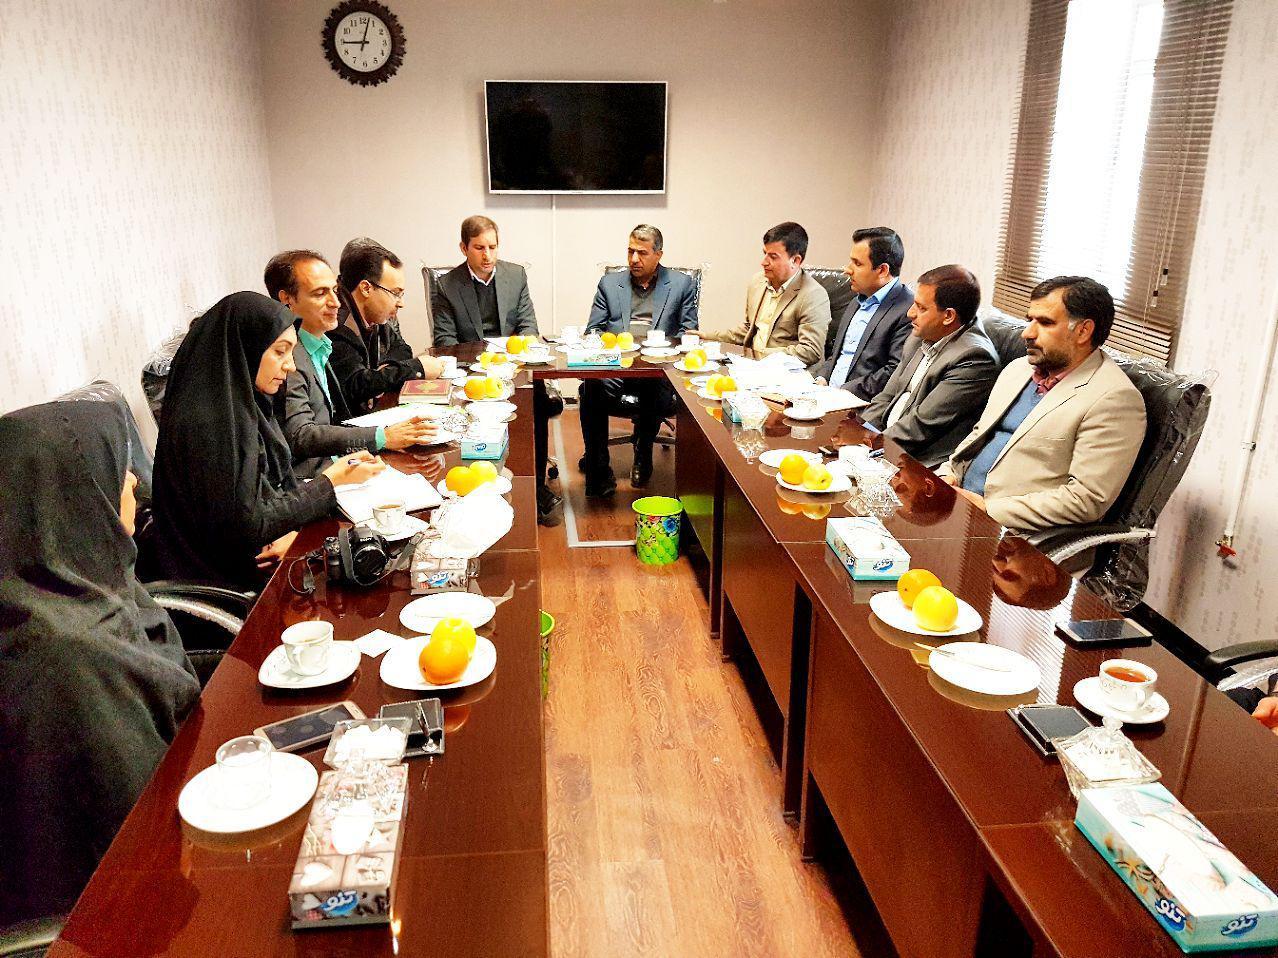 جلسه شورای آموزش و پرورش شهرستان فلاورجان در ایمانشهر برگزار شد